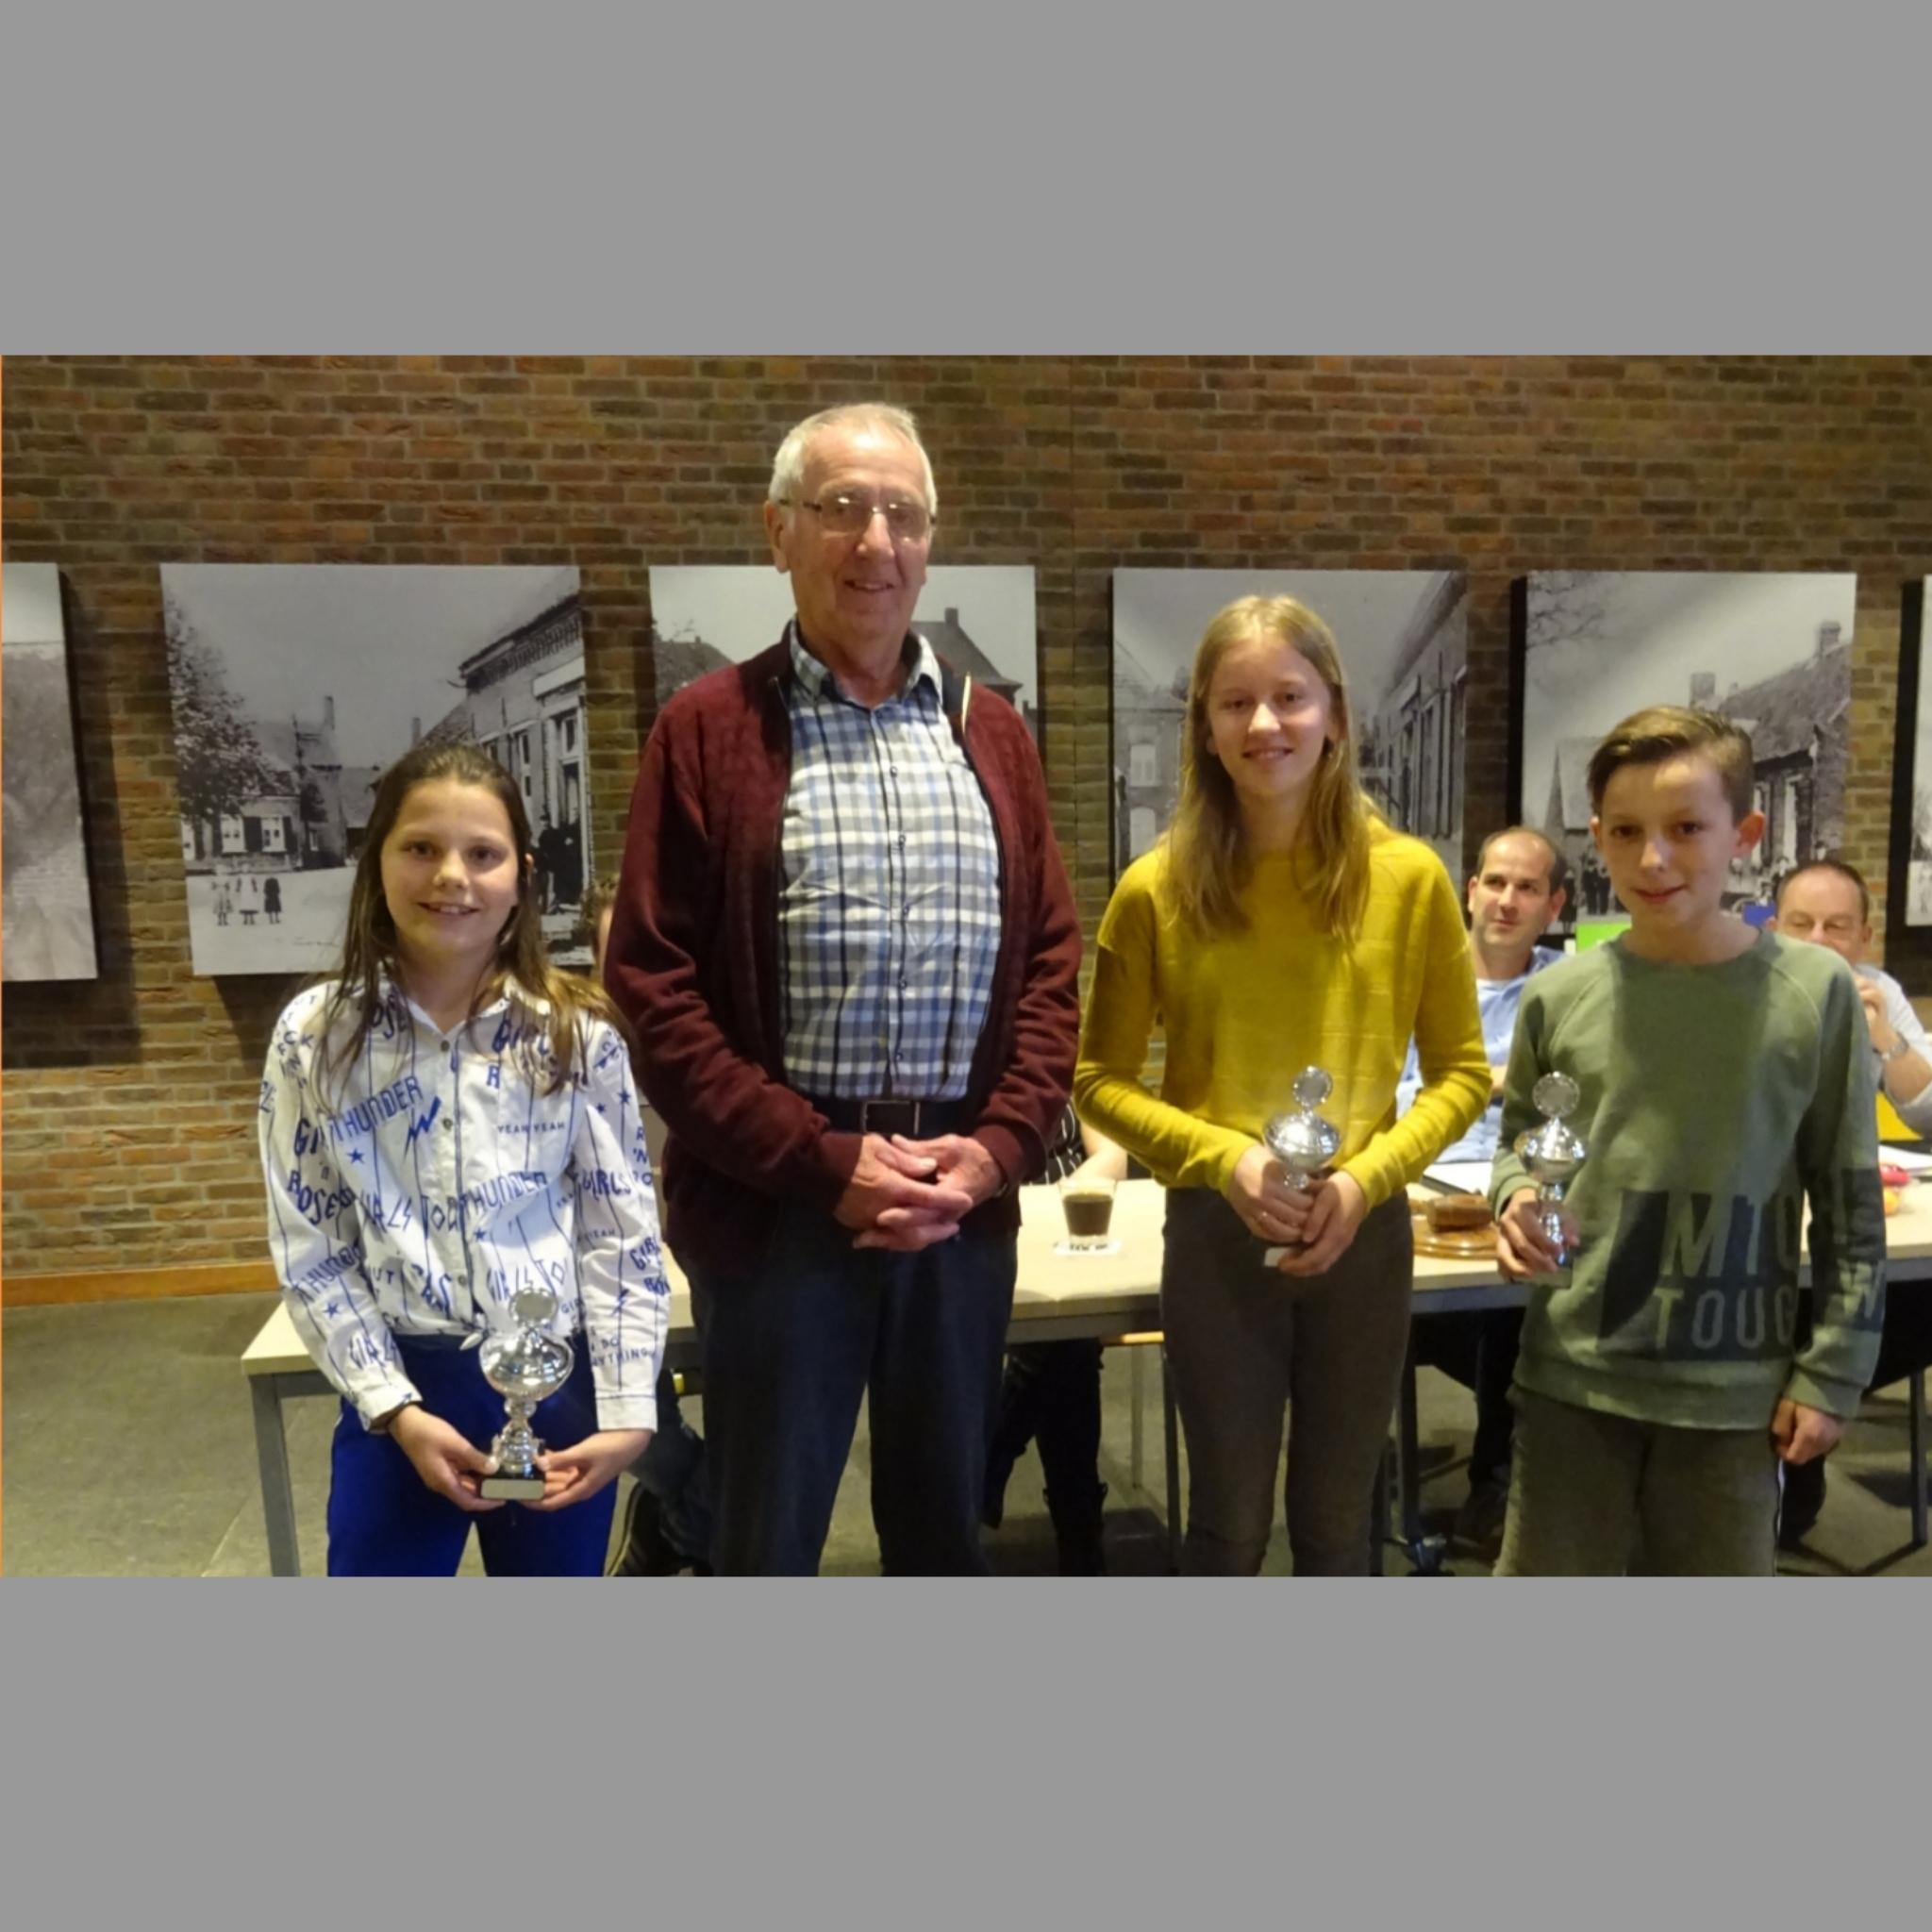 HayvanMegentrofee voor Roos, Raelyn en Loek